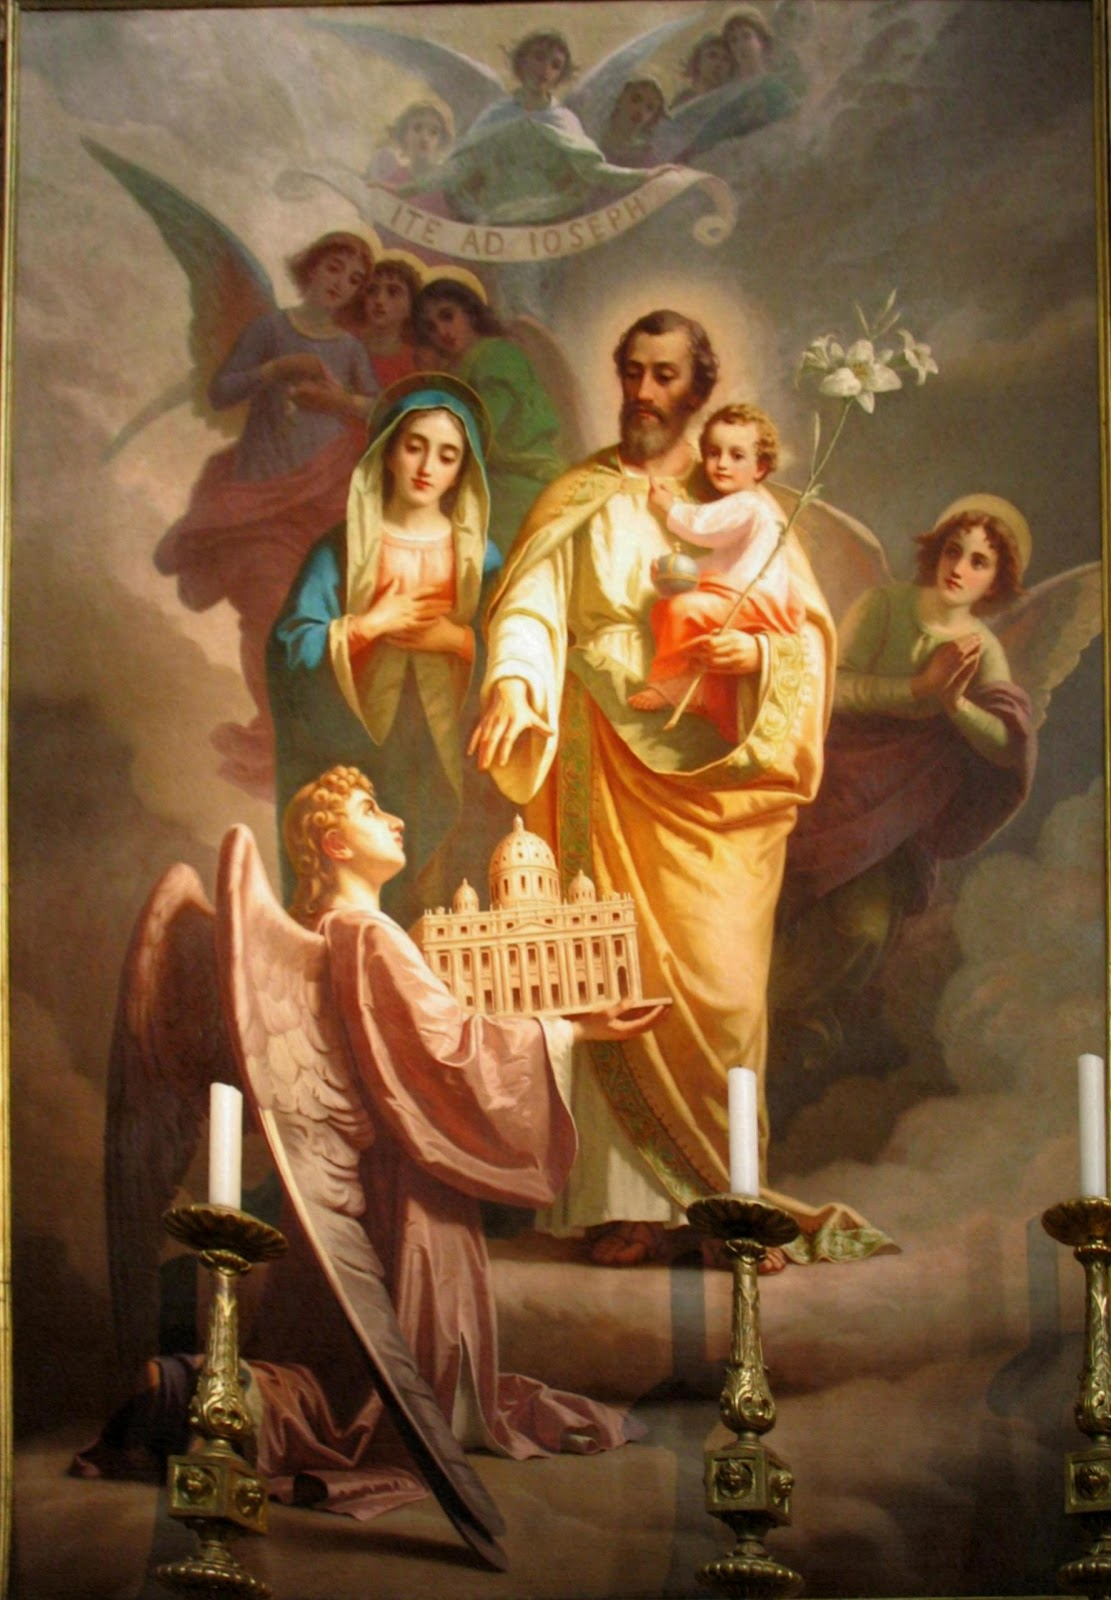 La tela di San Giuseppe nella Basilica del Sacro Cuore, opera di G. Rollini